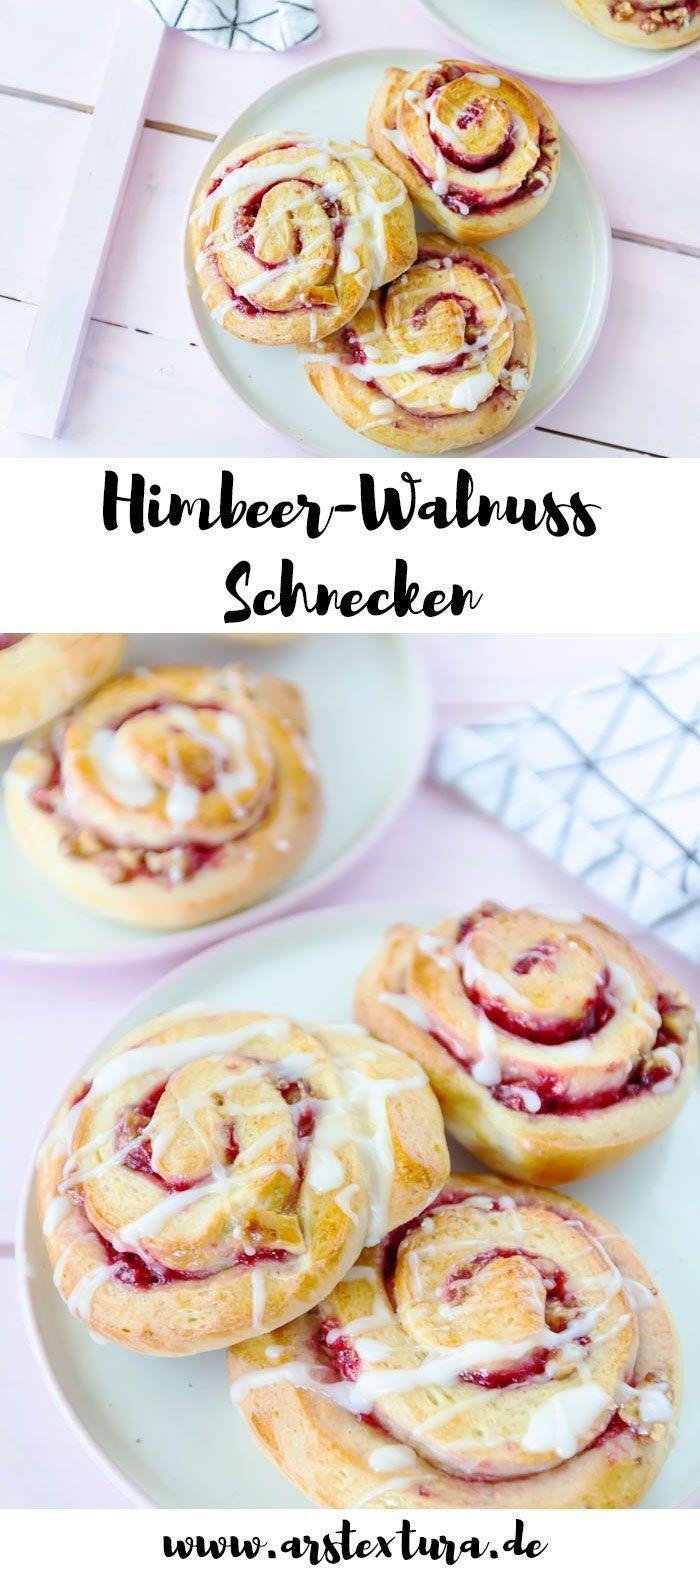 Himbeer-Walnuss Schnecken